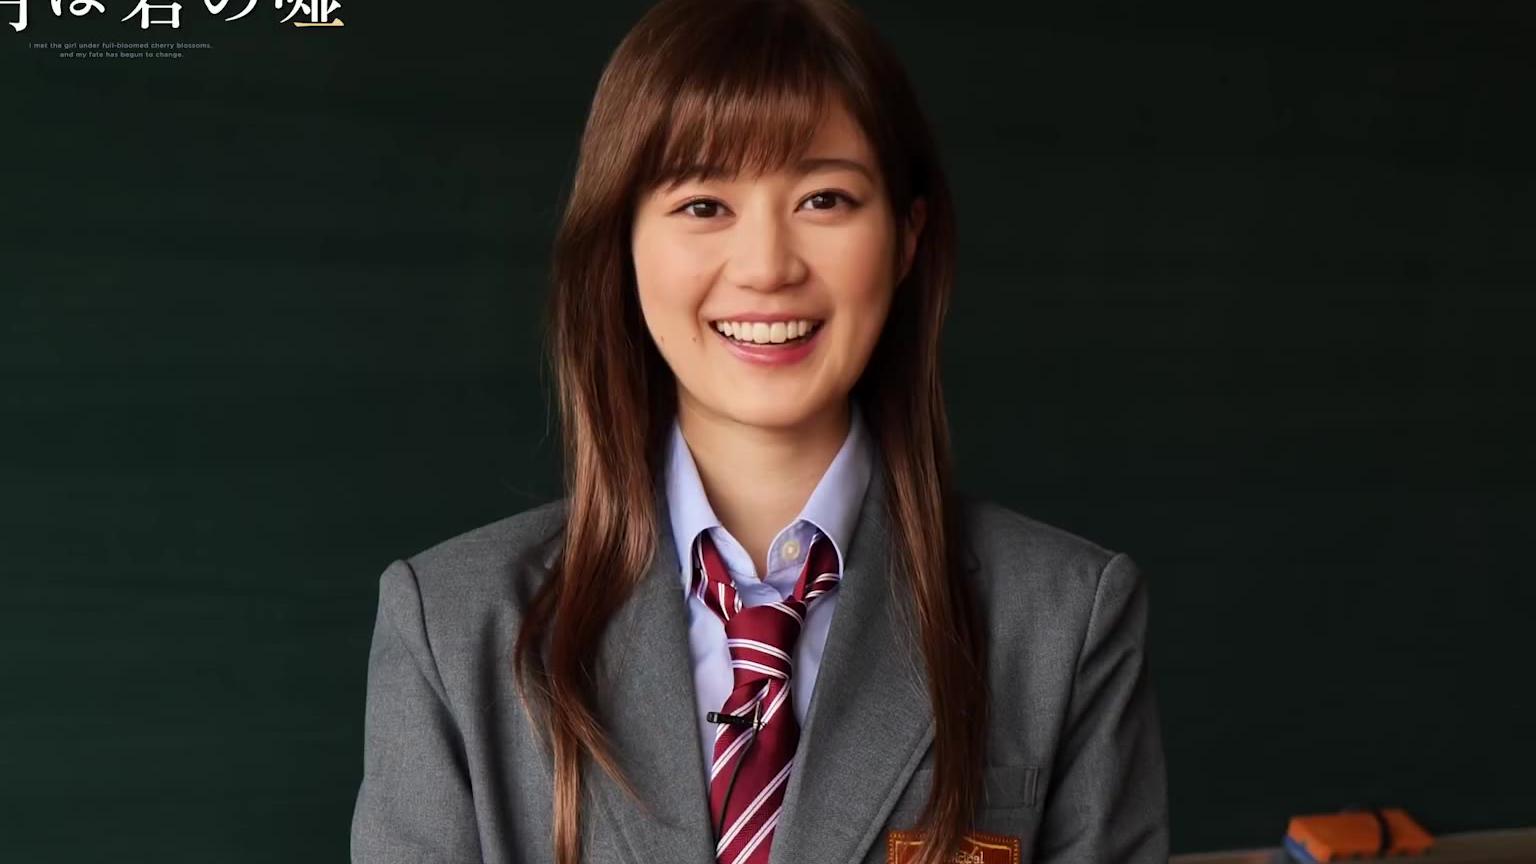 『四月は君の嘘』コメント映像/生田絵梨花